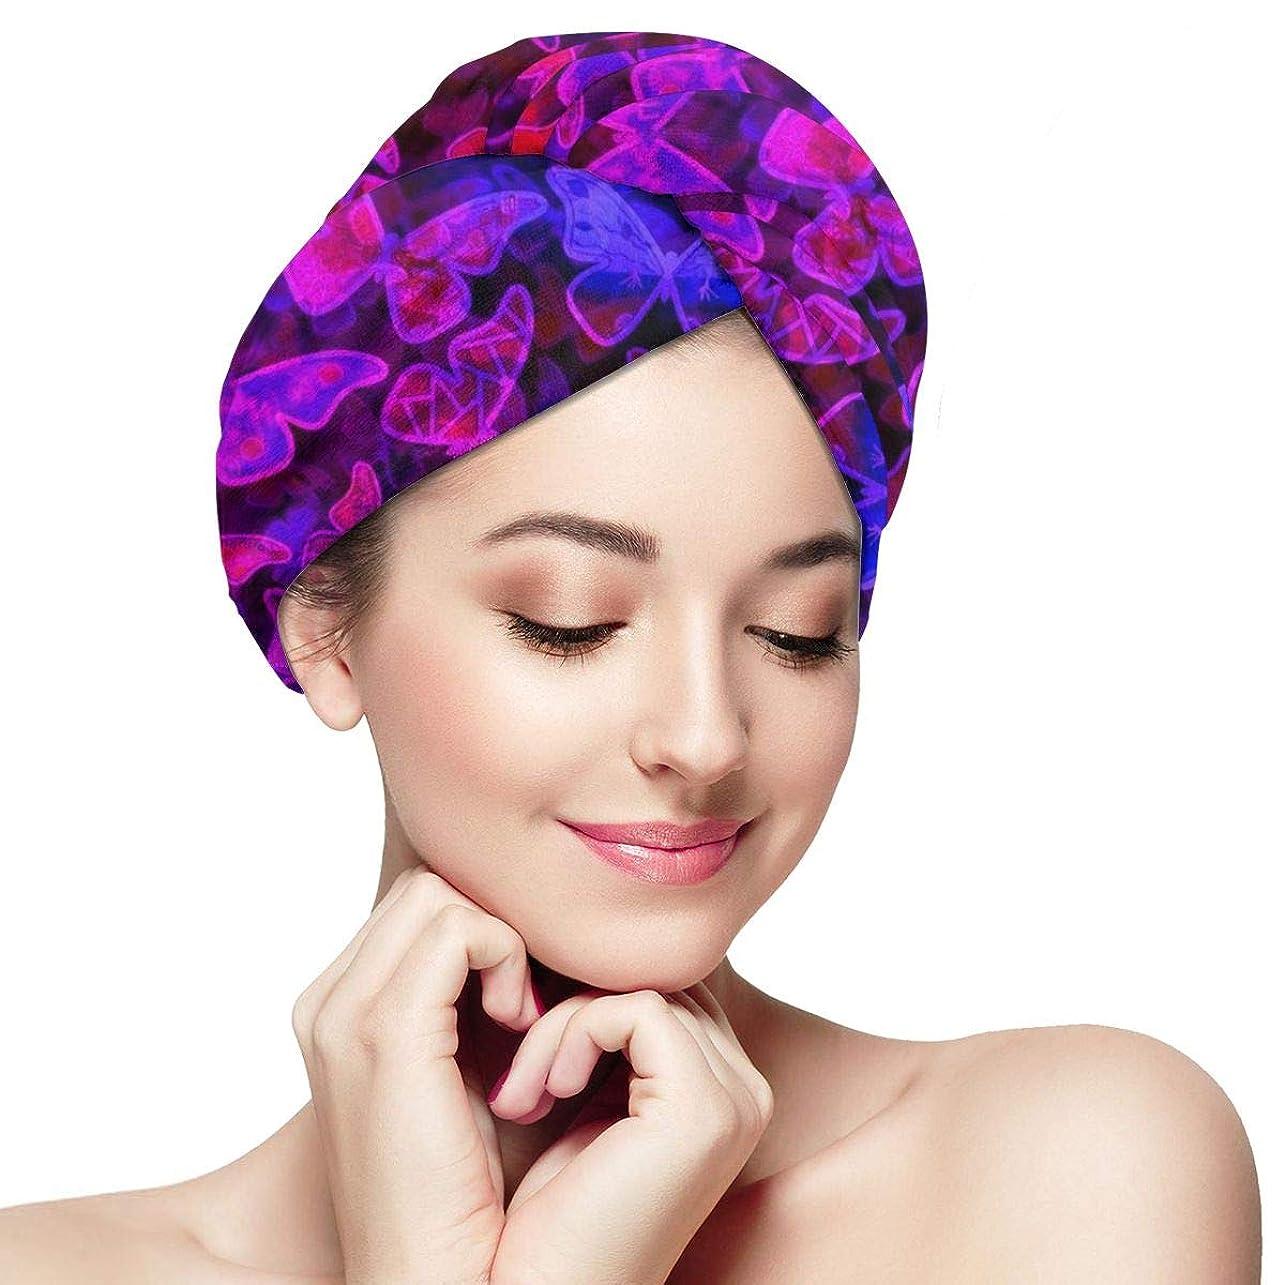 欺乳製品エイリアスピンク紫蝶 ヘアドライタオル タオルキャップ 吸水 速乾 抗菌防臭 強い吸水性 軽量 髪 タオル お風呂あがり バス用品